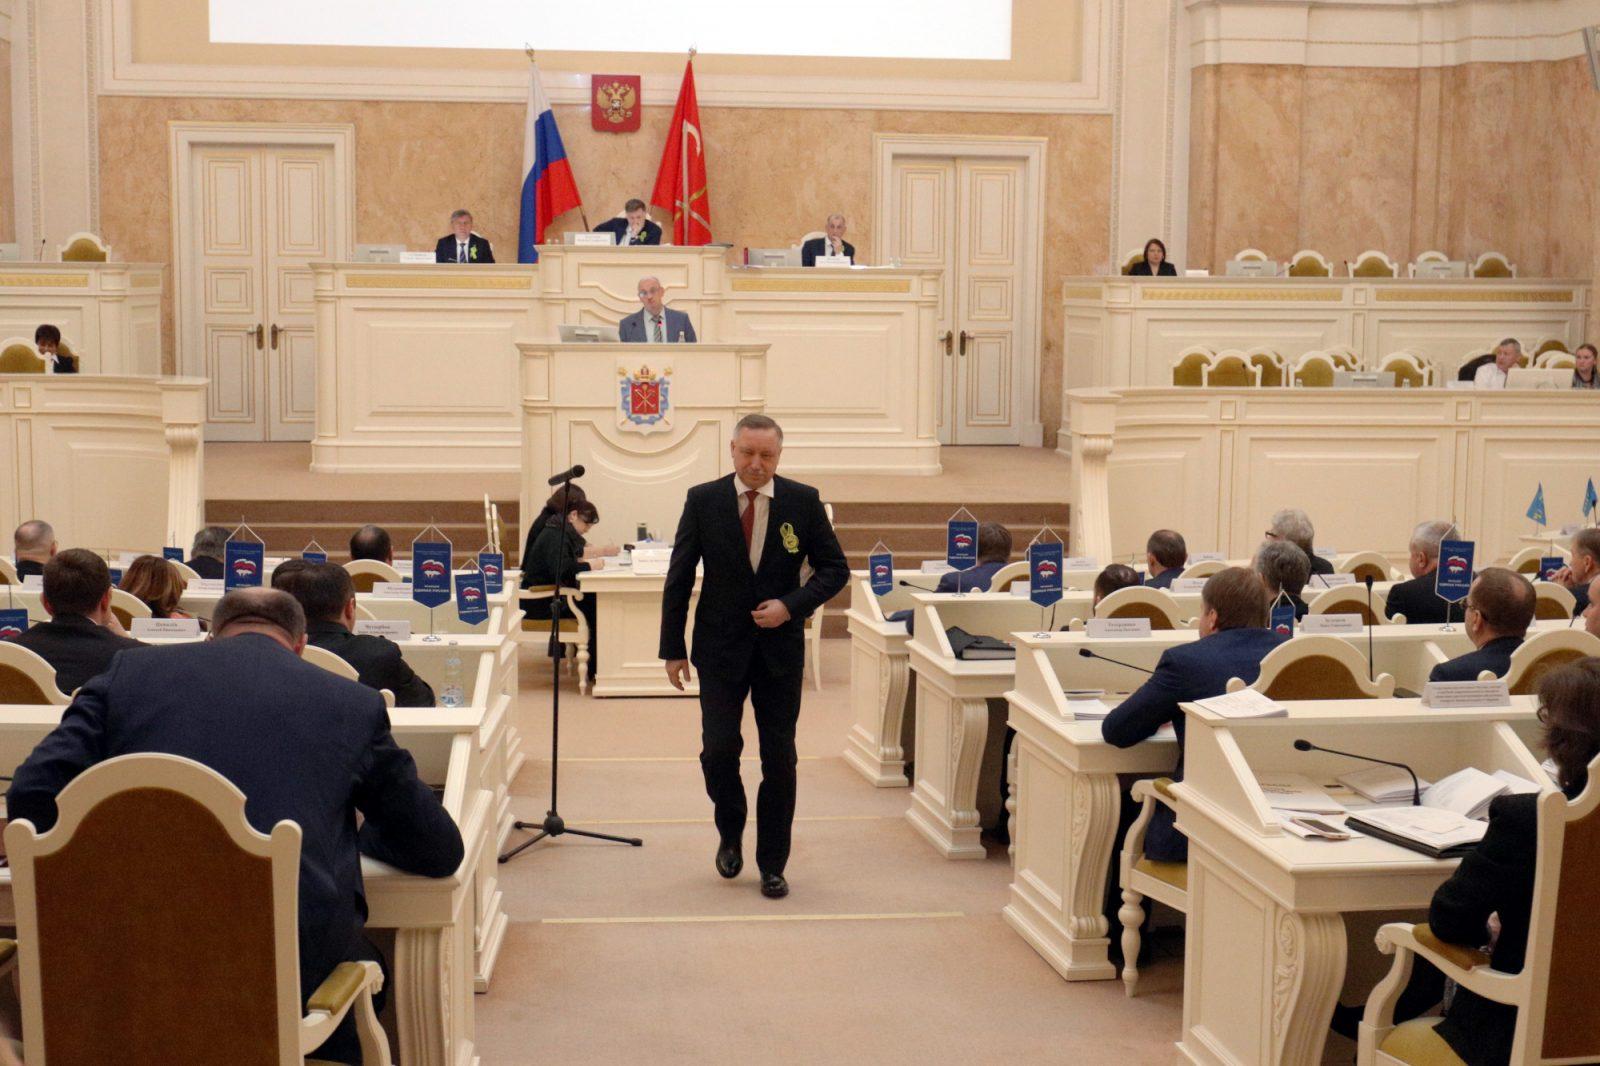 Александр Беглов уходит с заседания Законодательного Собрания